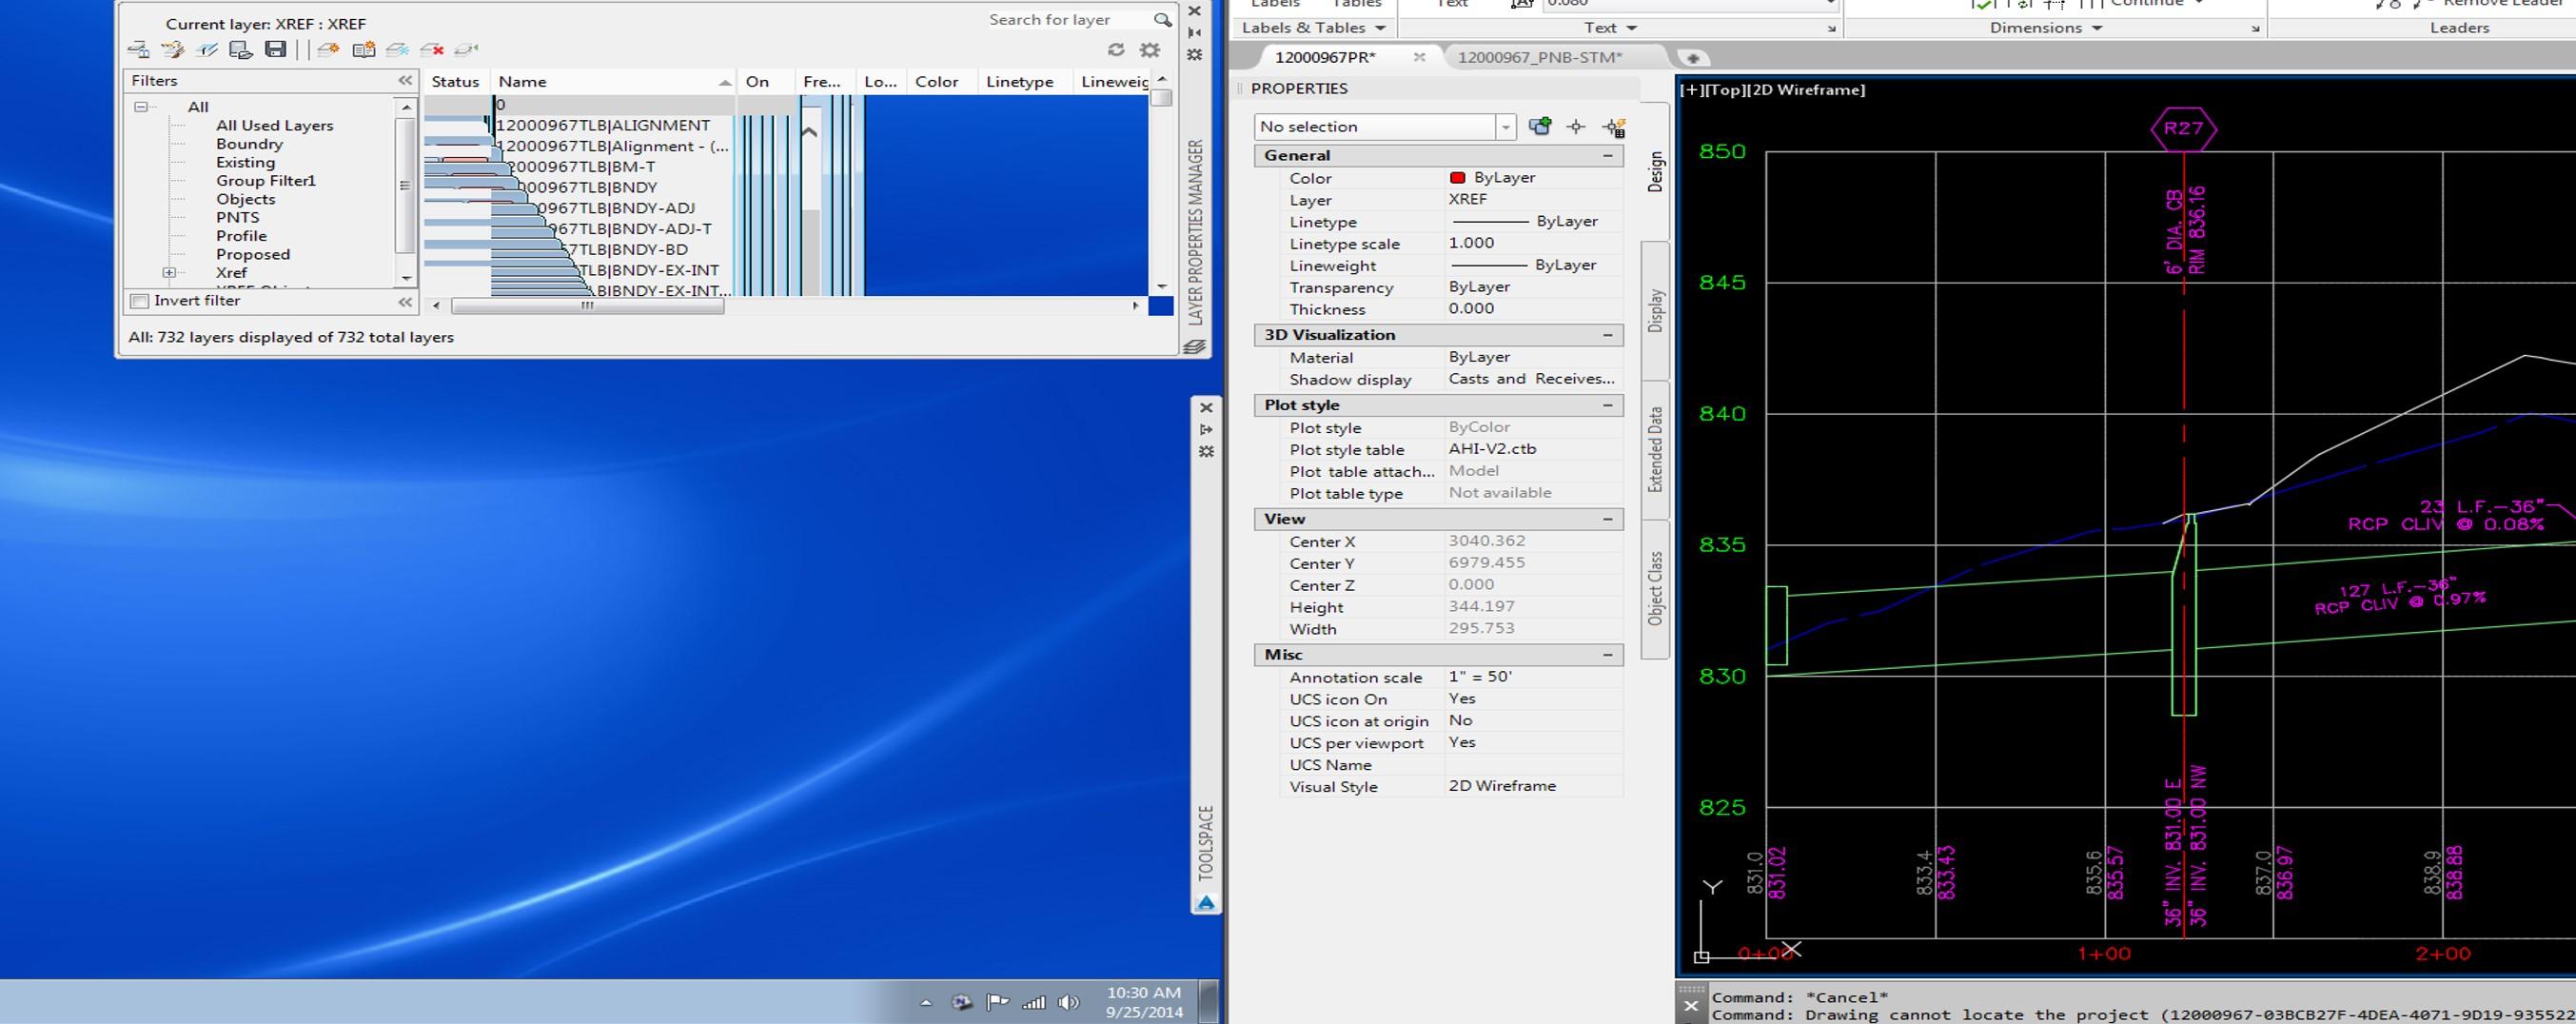 itunes 10.3.1 x86 (32 bit)